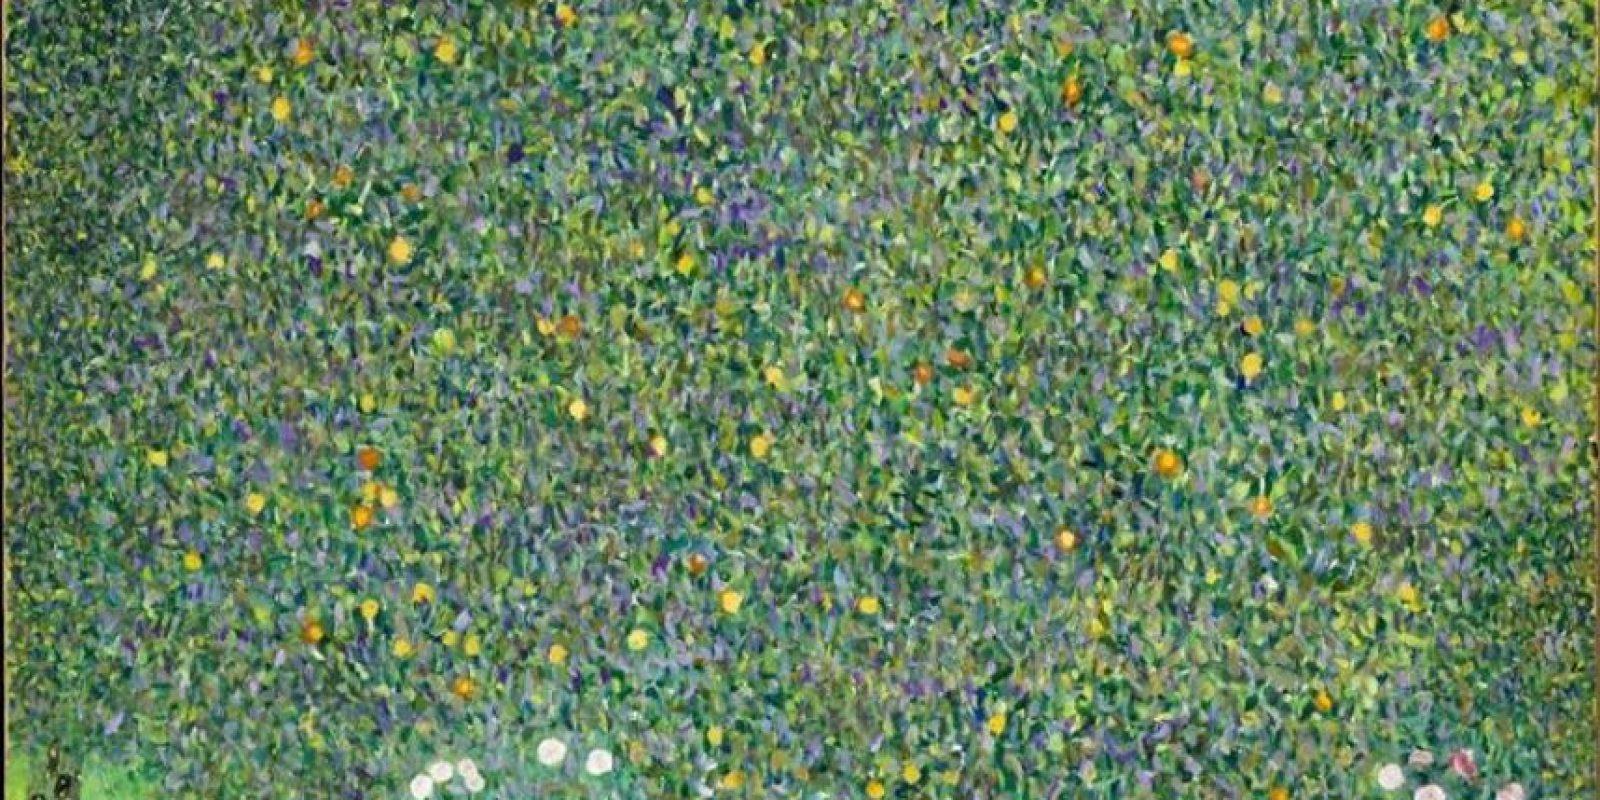 """Imagen cedida del cuadro de Gustav Klimt, """"Rosales bajo los árboles"""" (1905), incluido en la exposición """"Debussy, la Música y las Artes"""" sobre las obras de los pintores que inspiraron a Claude Debussy y que acogen los museos parisinos d' Orsay y de l' Orangerie, en homenaje al compositor francés en el 150 aniversario de su nacimiento. EFE/ Patrice Schmidt/Museo d' Orsay"""